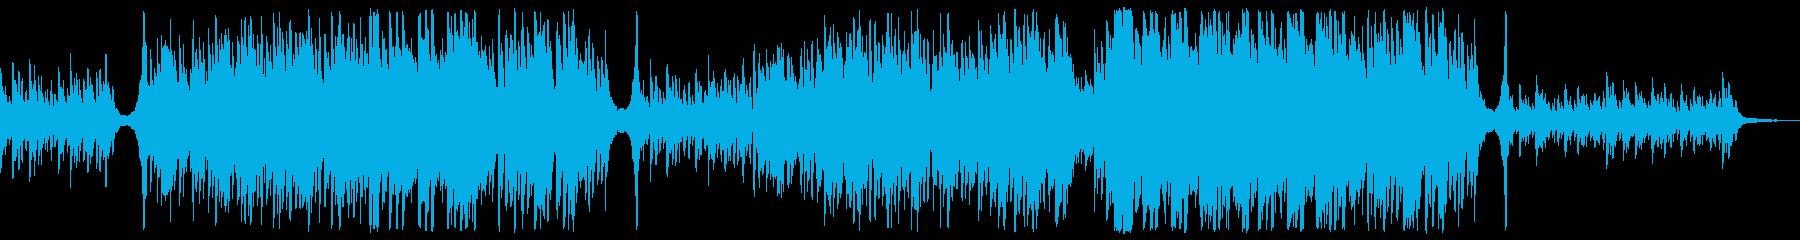 ED向け透明で躍動感のある感動ピアノソロの再生済みの波形